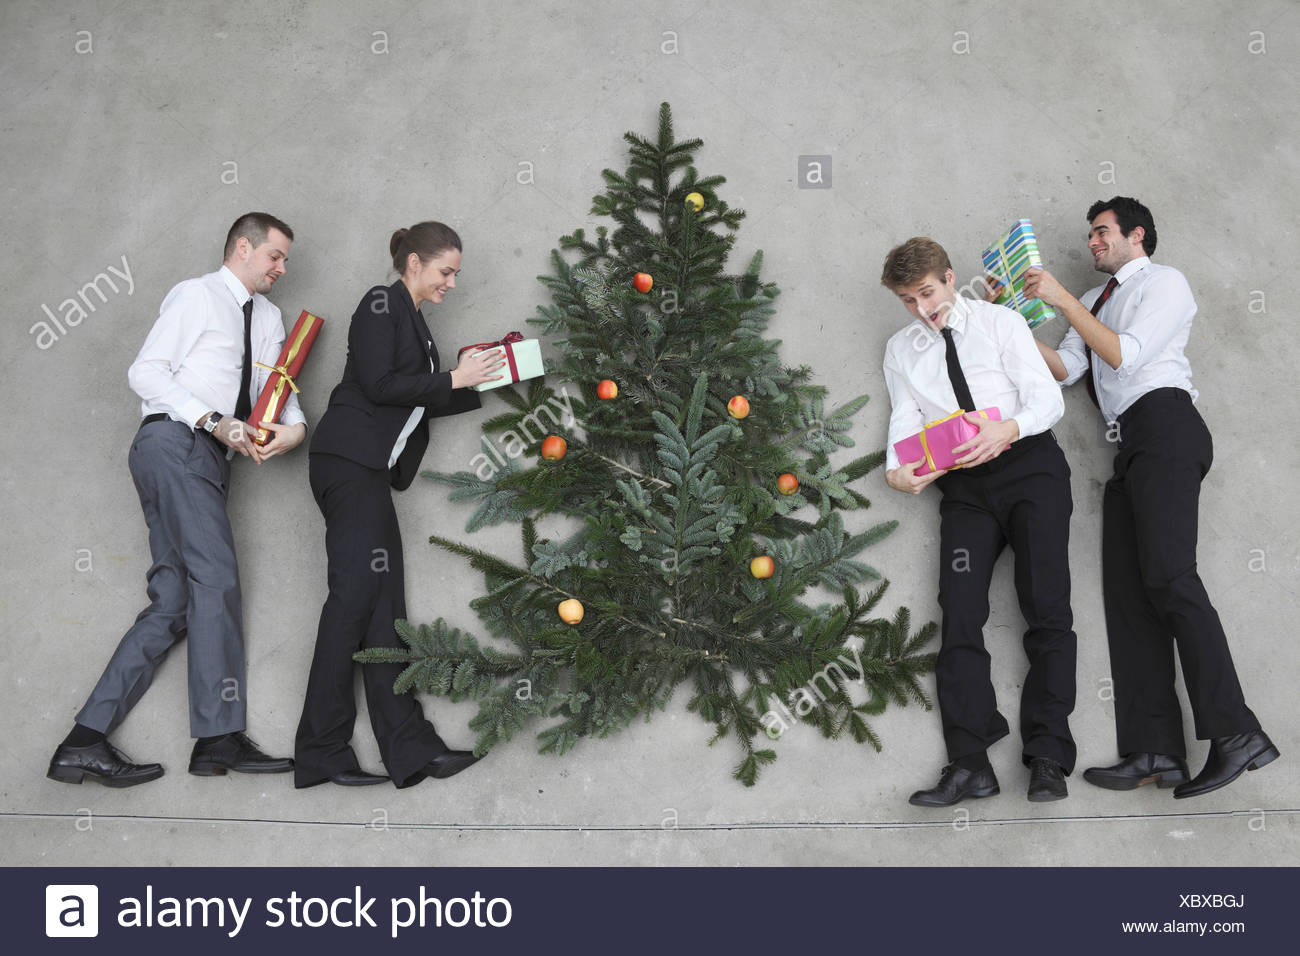 Weihnachtsbaum Mit Weihnachtsgeschenken Stockfotos & Weihnachtsbaum ...